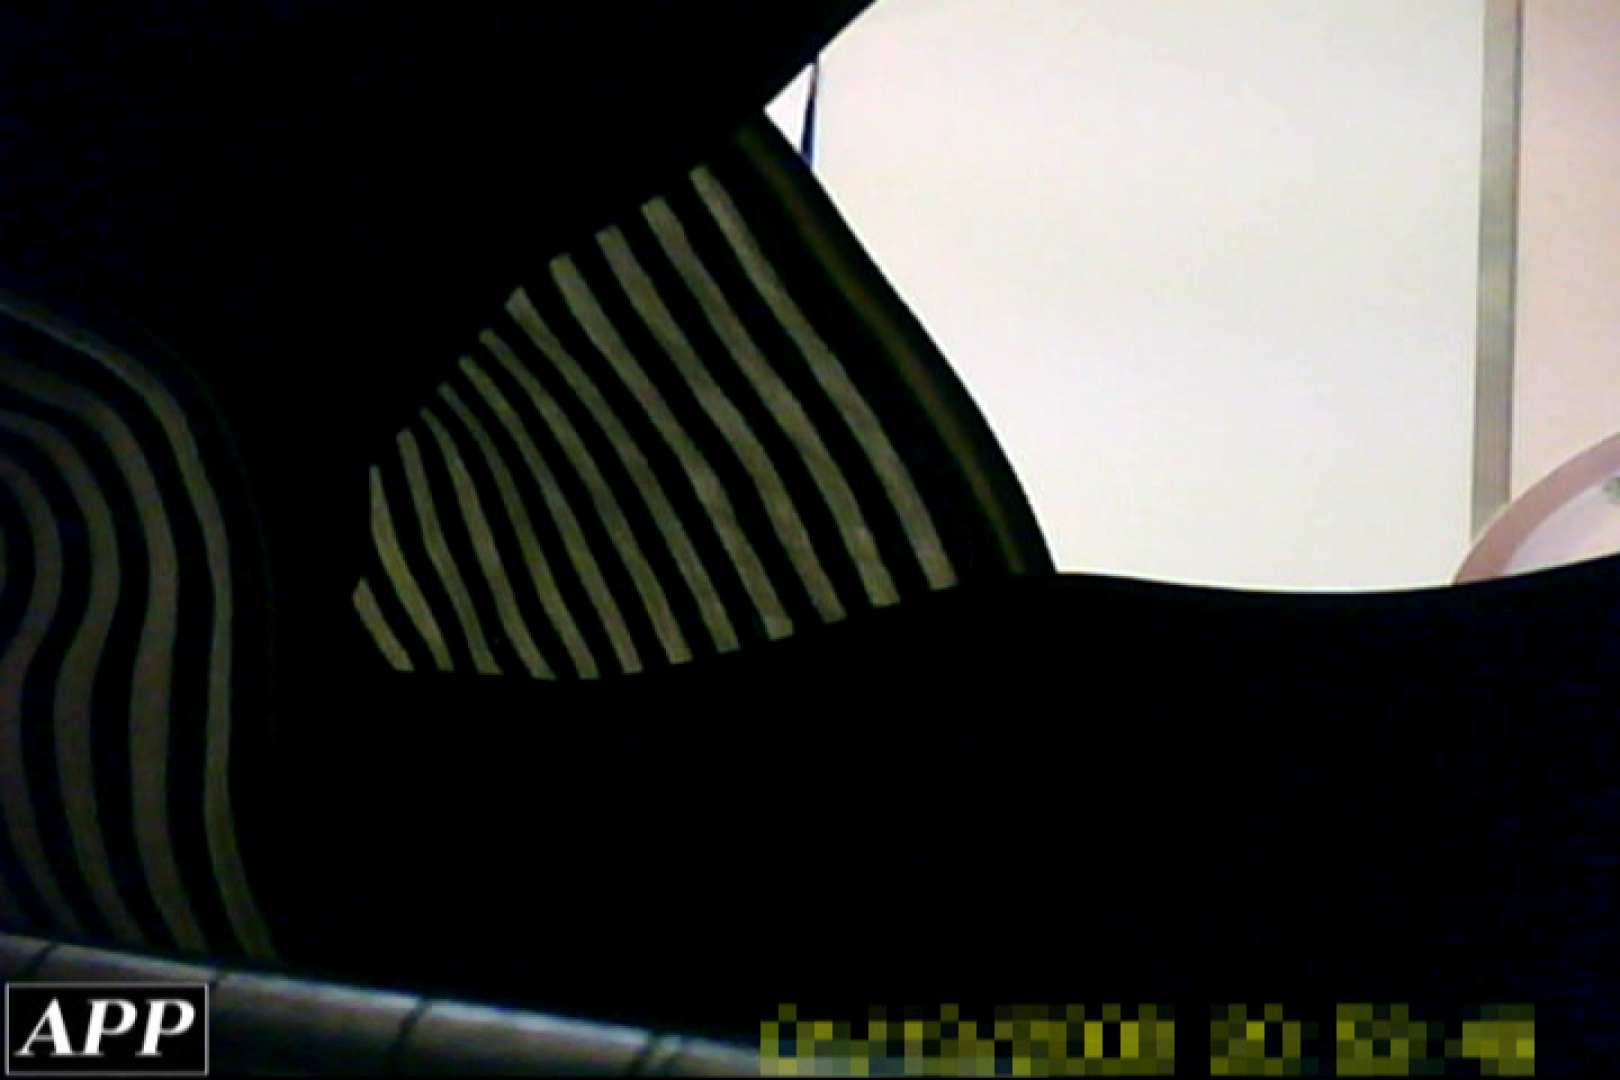 3視点洗面所 vol.142 盗撮で悶絶 AV無料 80画像 5